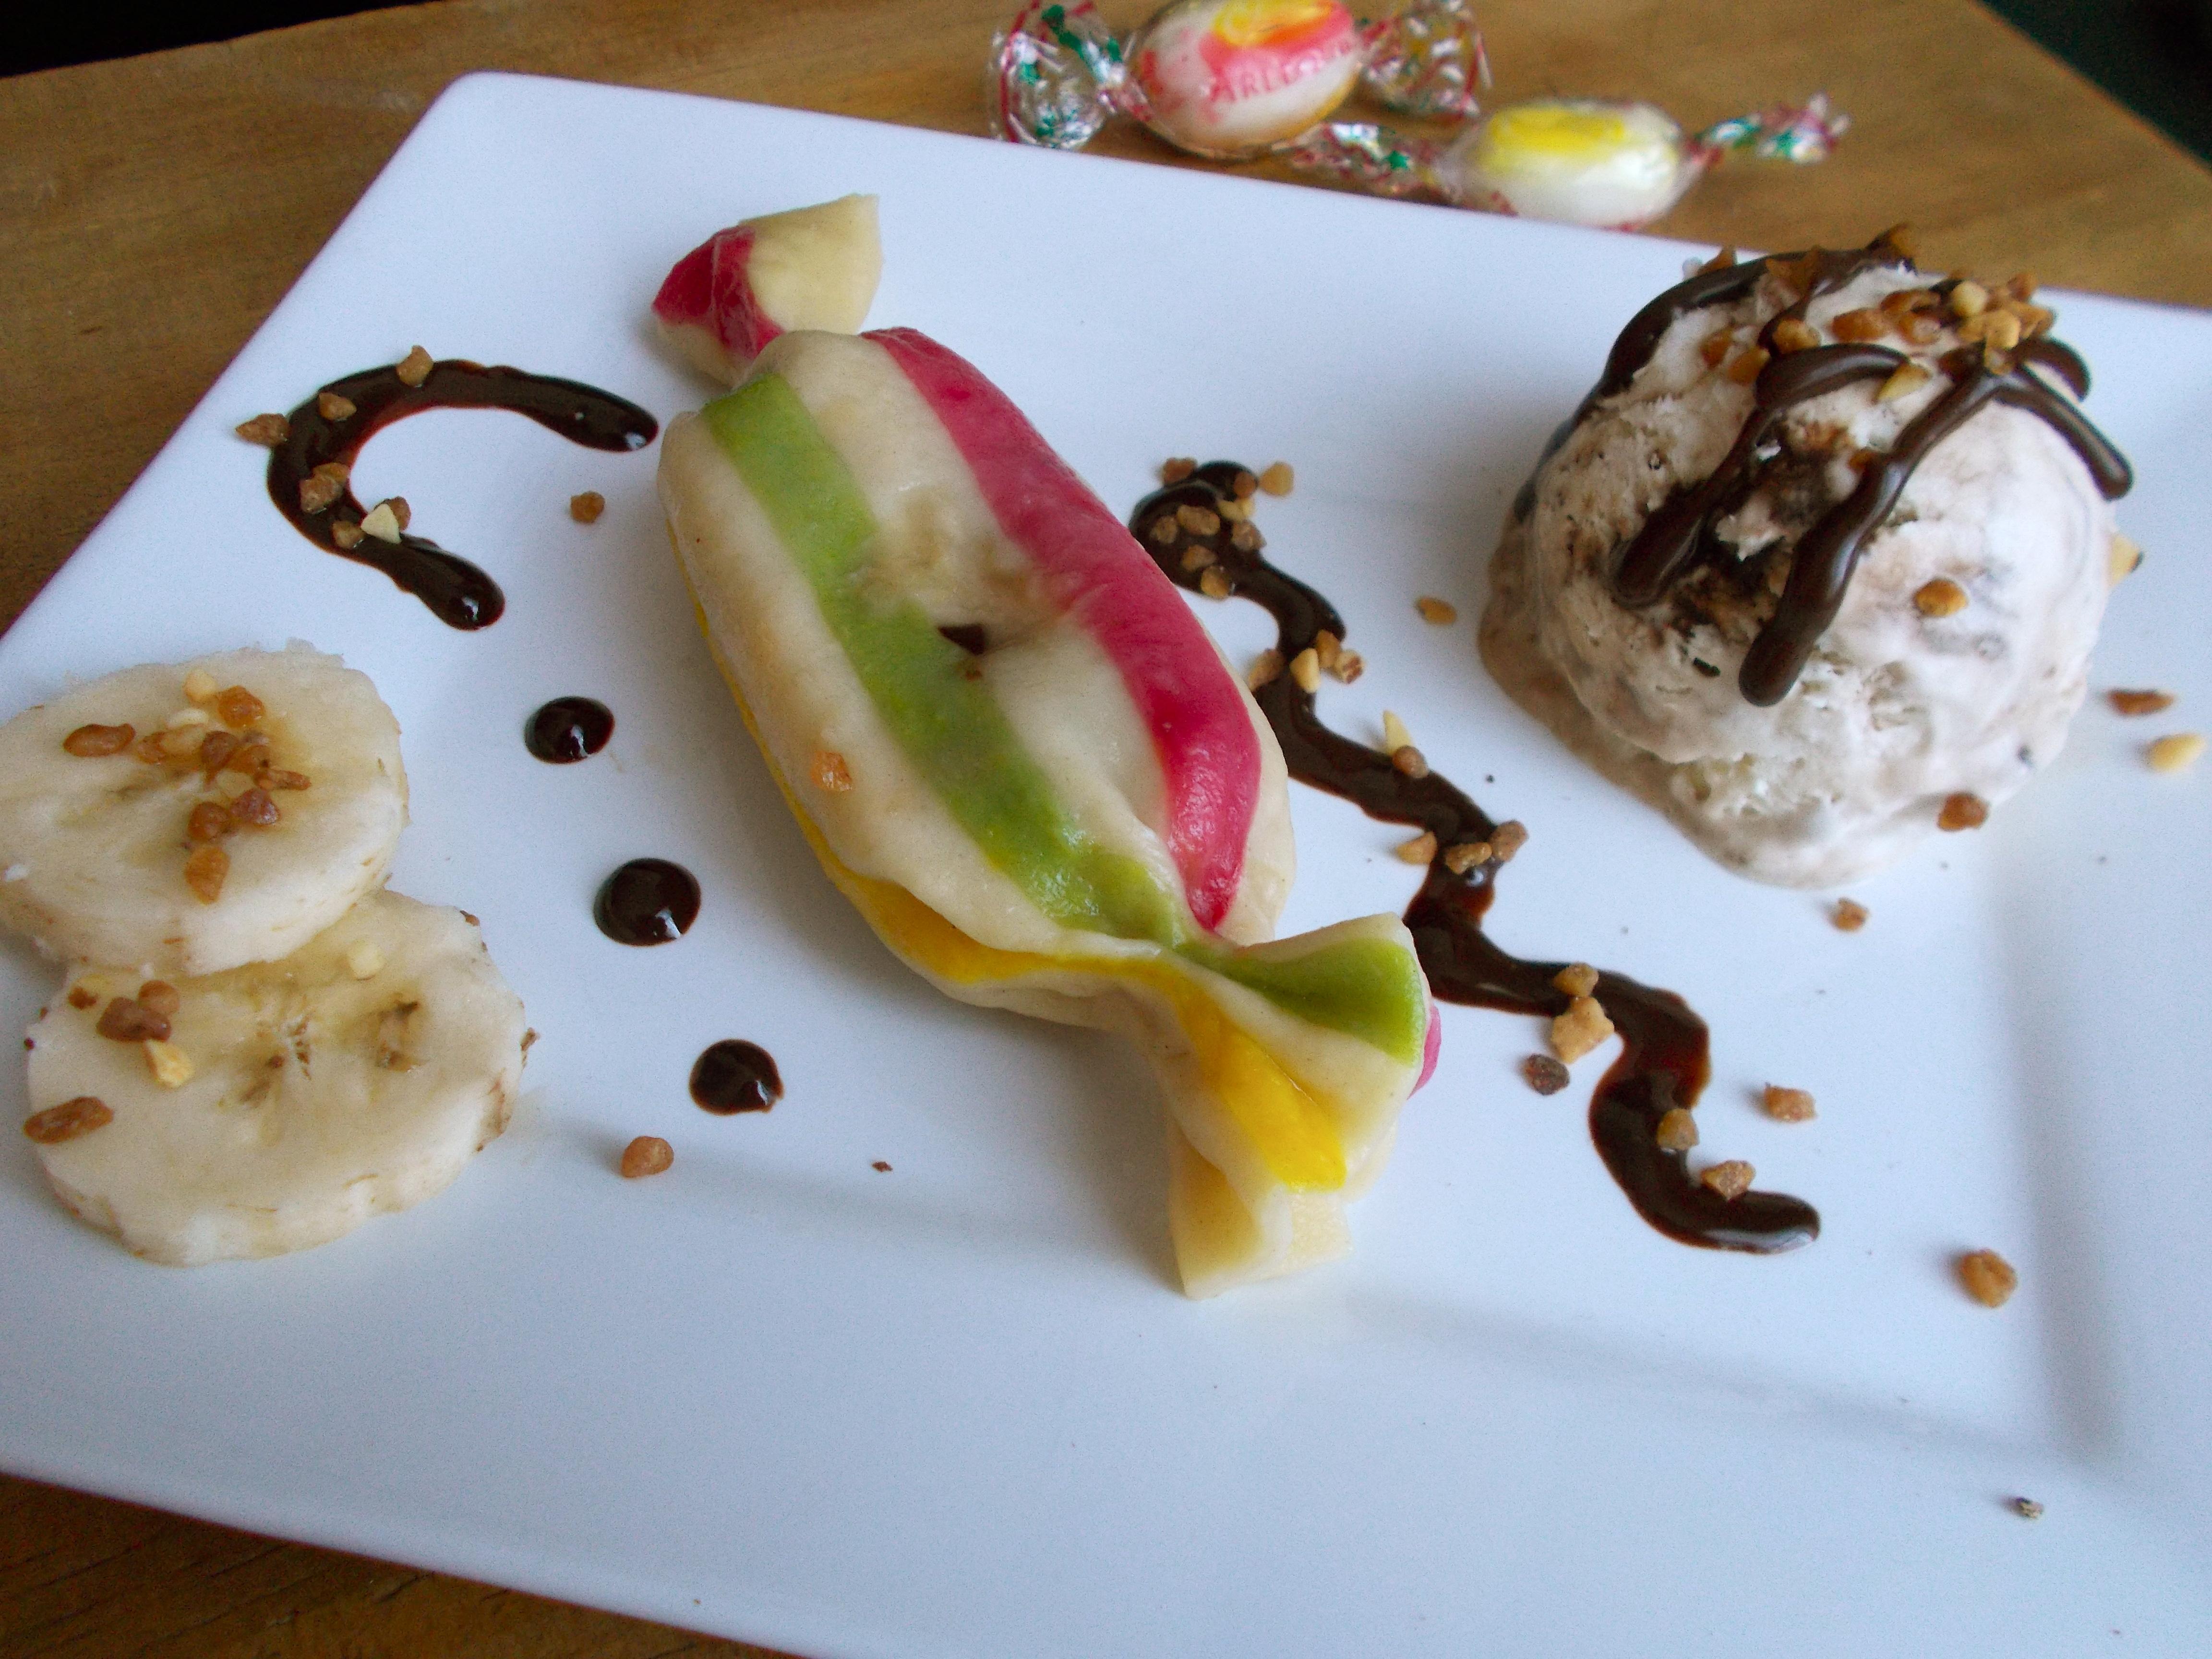 Raviolis sucrés façon Arlequin : fourrés à la banane, caramel et pépites de chocolat